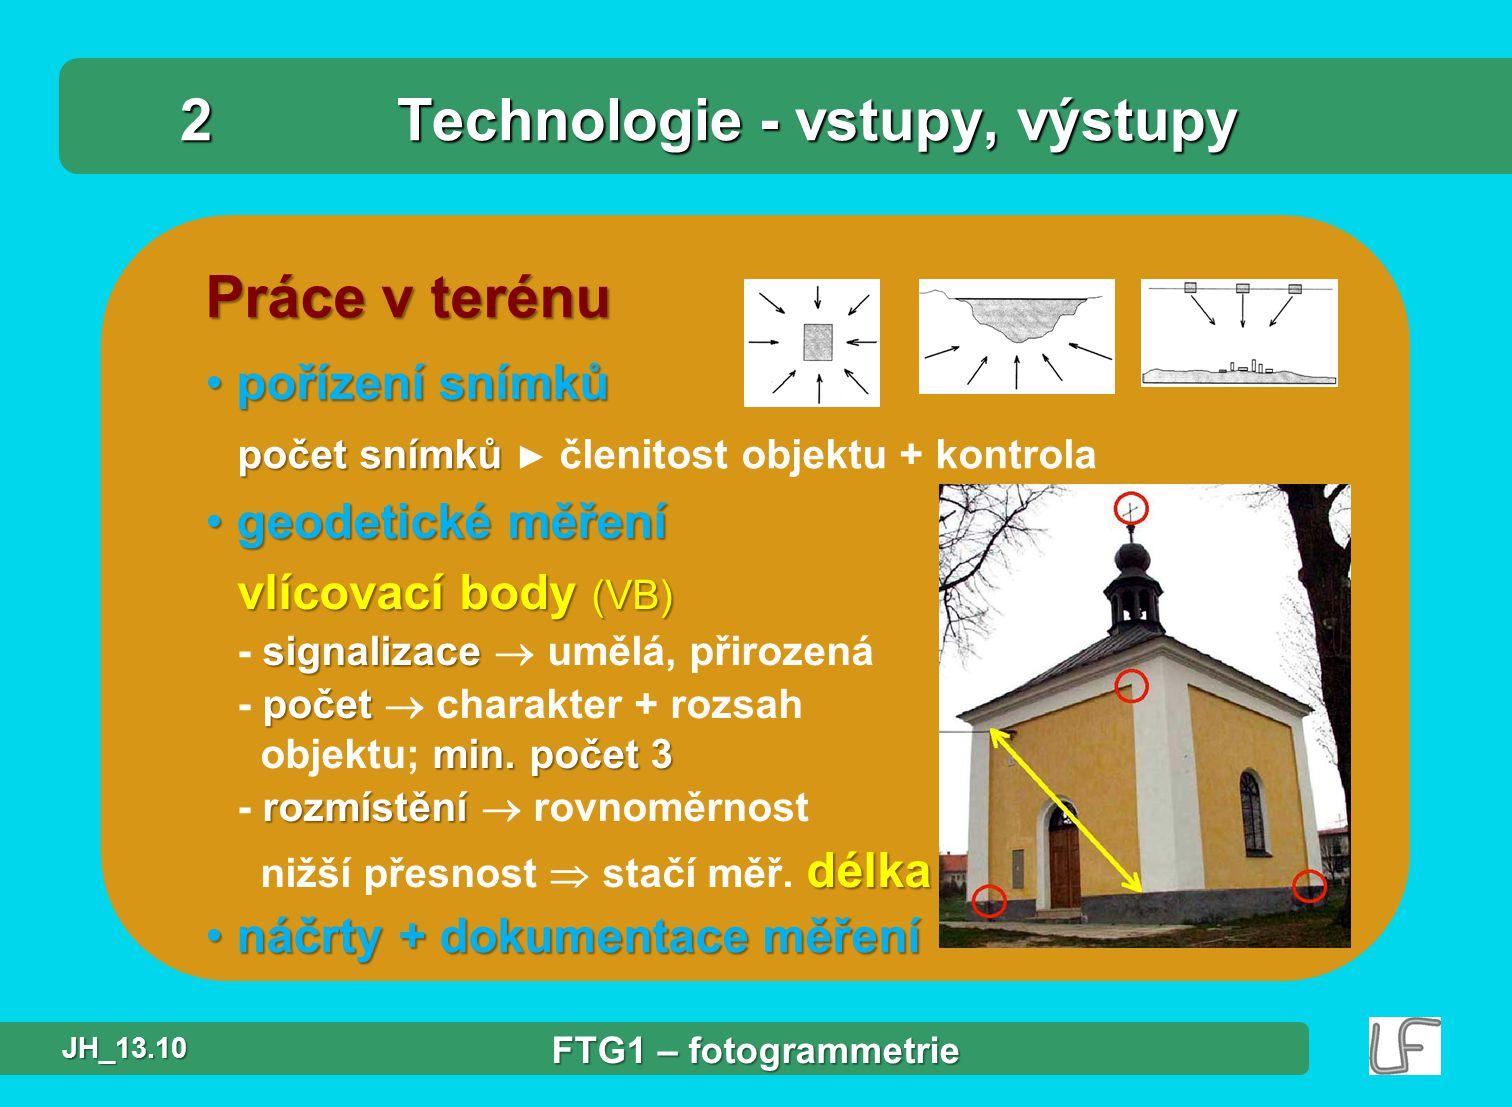 2 Technologie - vstupy, výstupy